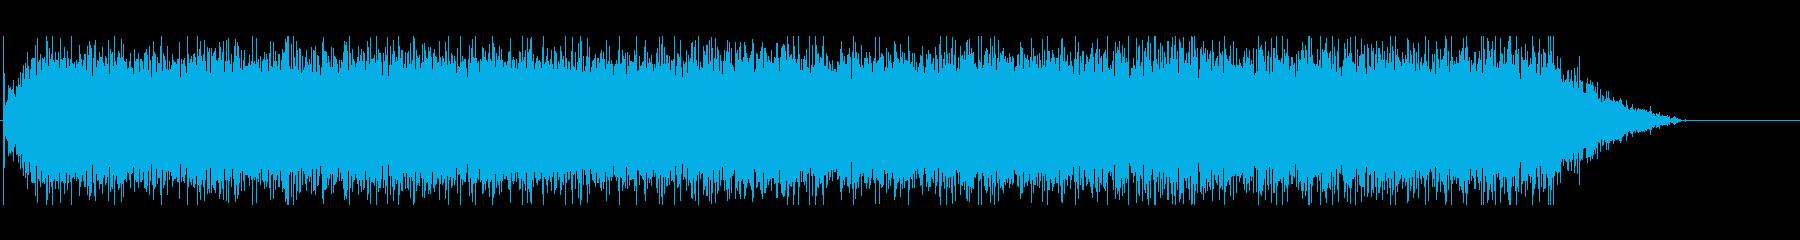 ウィーーン(電動ドライバーの音)2の再生済みの波形